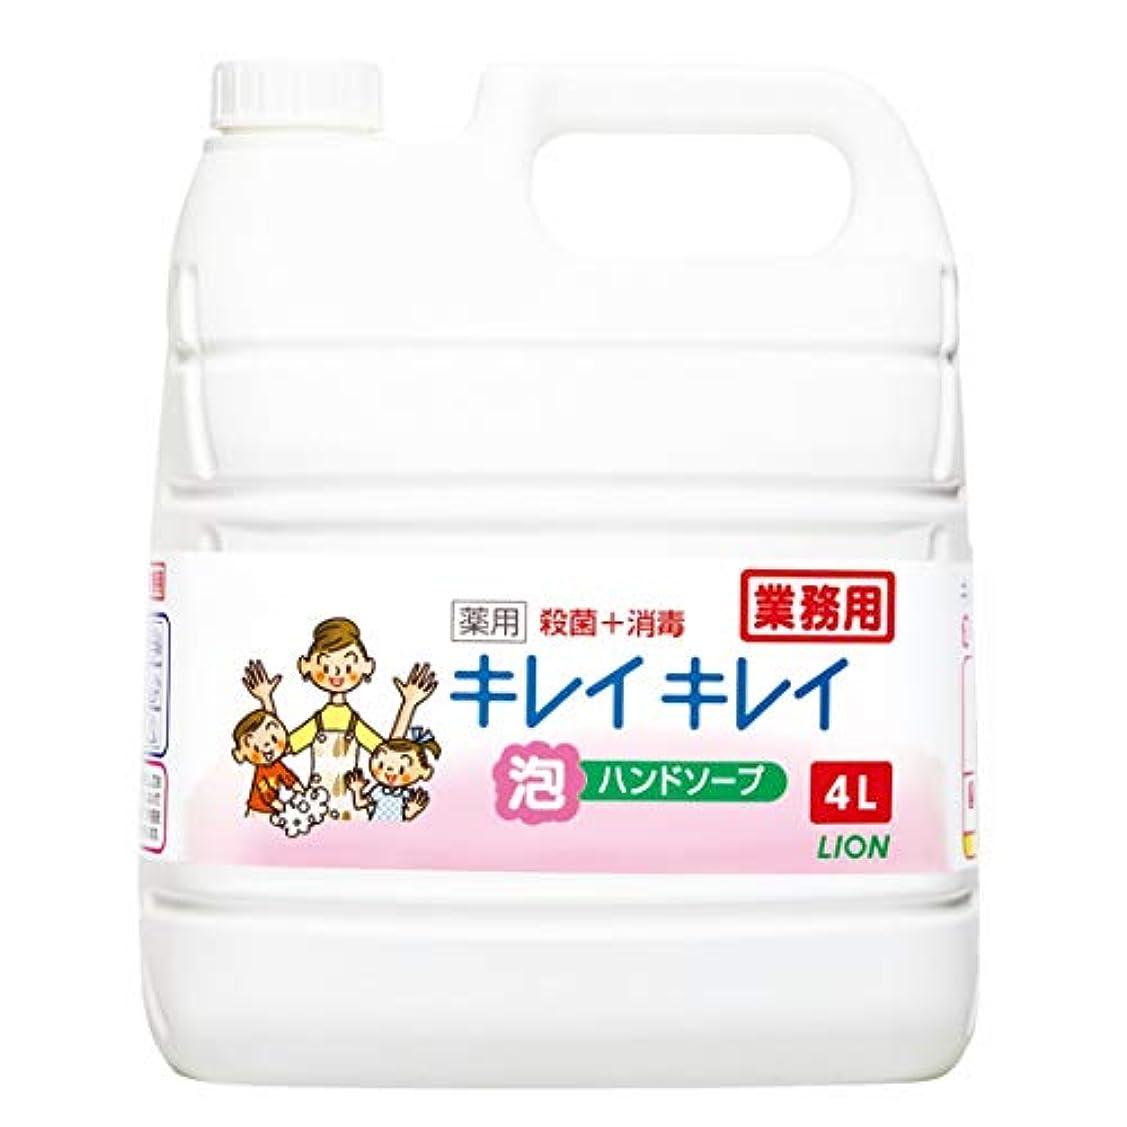 【業務用 大容量】キレイキレイ 薬用 泡ハンドソープ シトラスフルーティの香り 4L(医薬部外品)